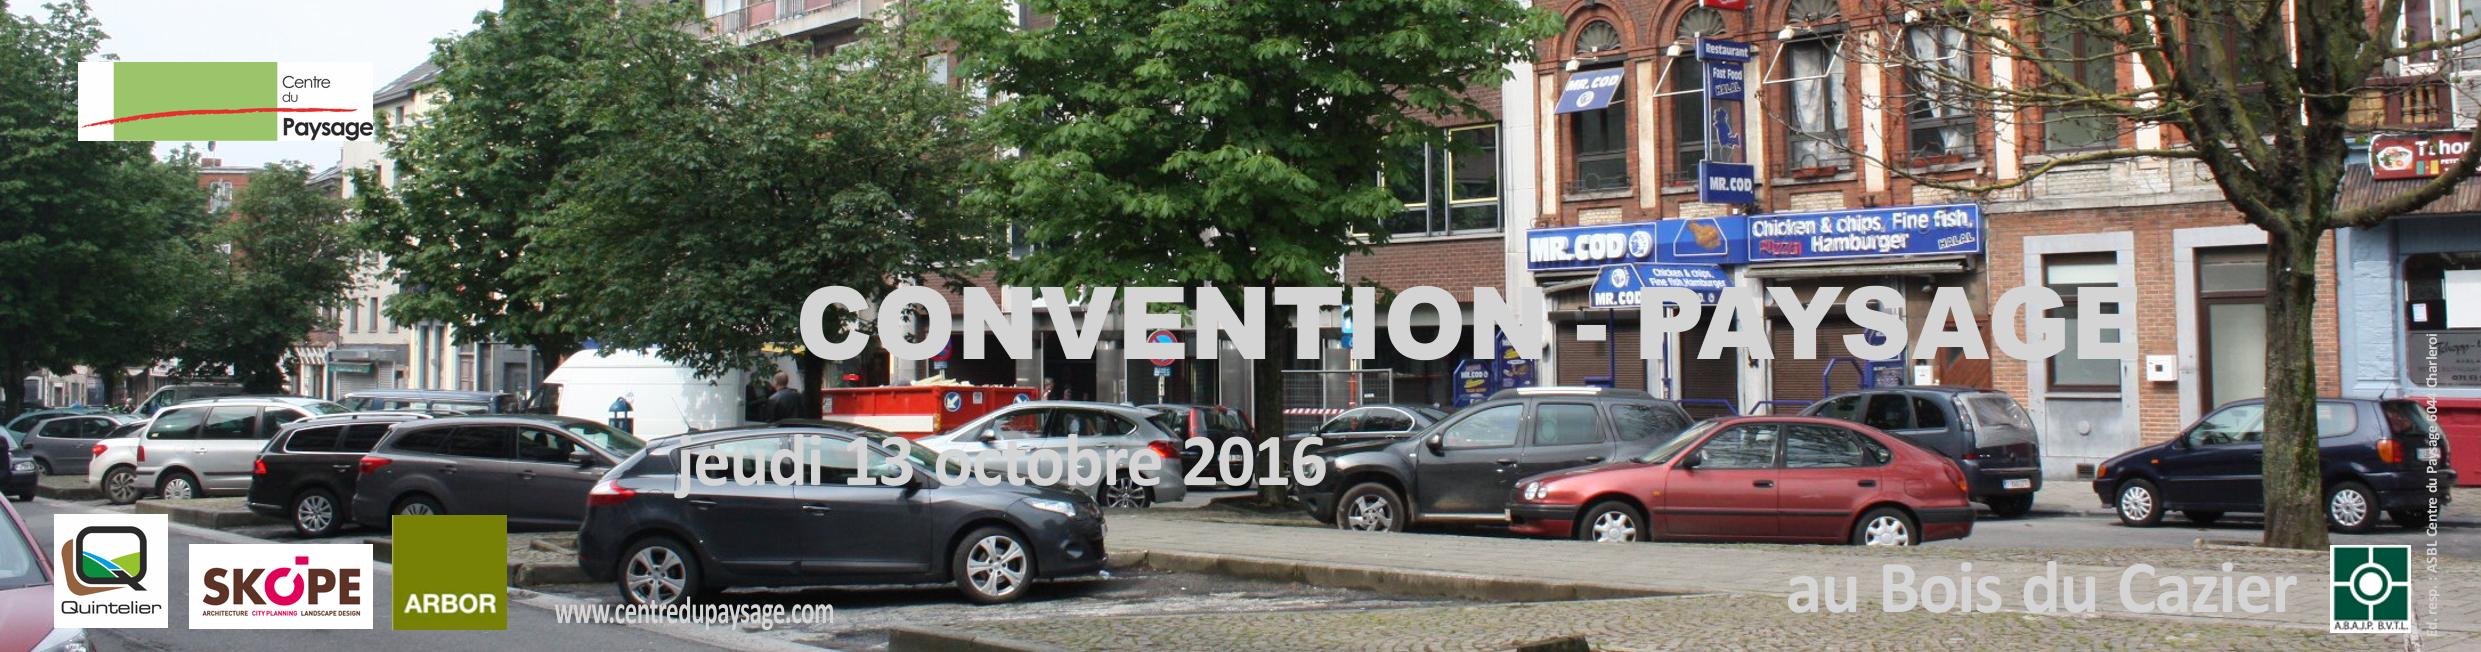 CONVENTION - PAYSAGE 13 octobre 2016  au Bois du Cazier